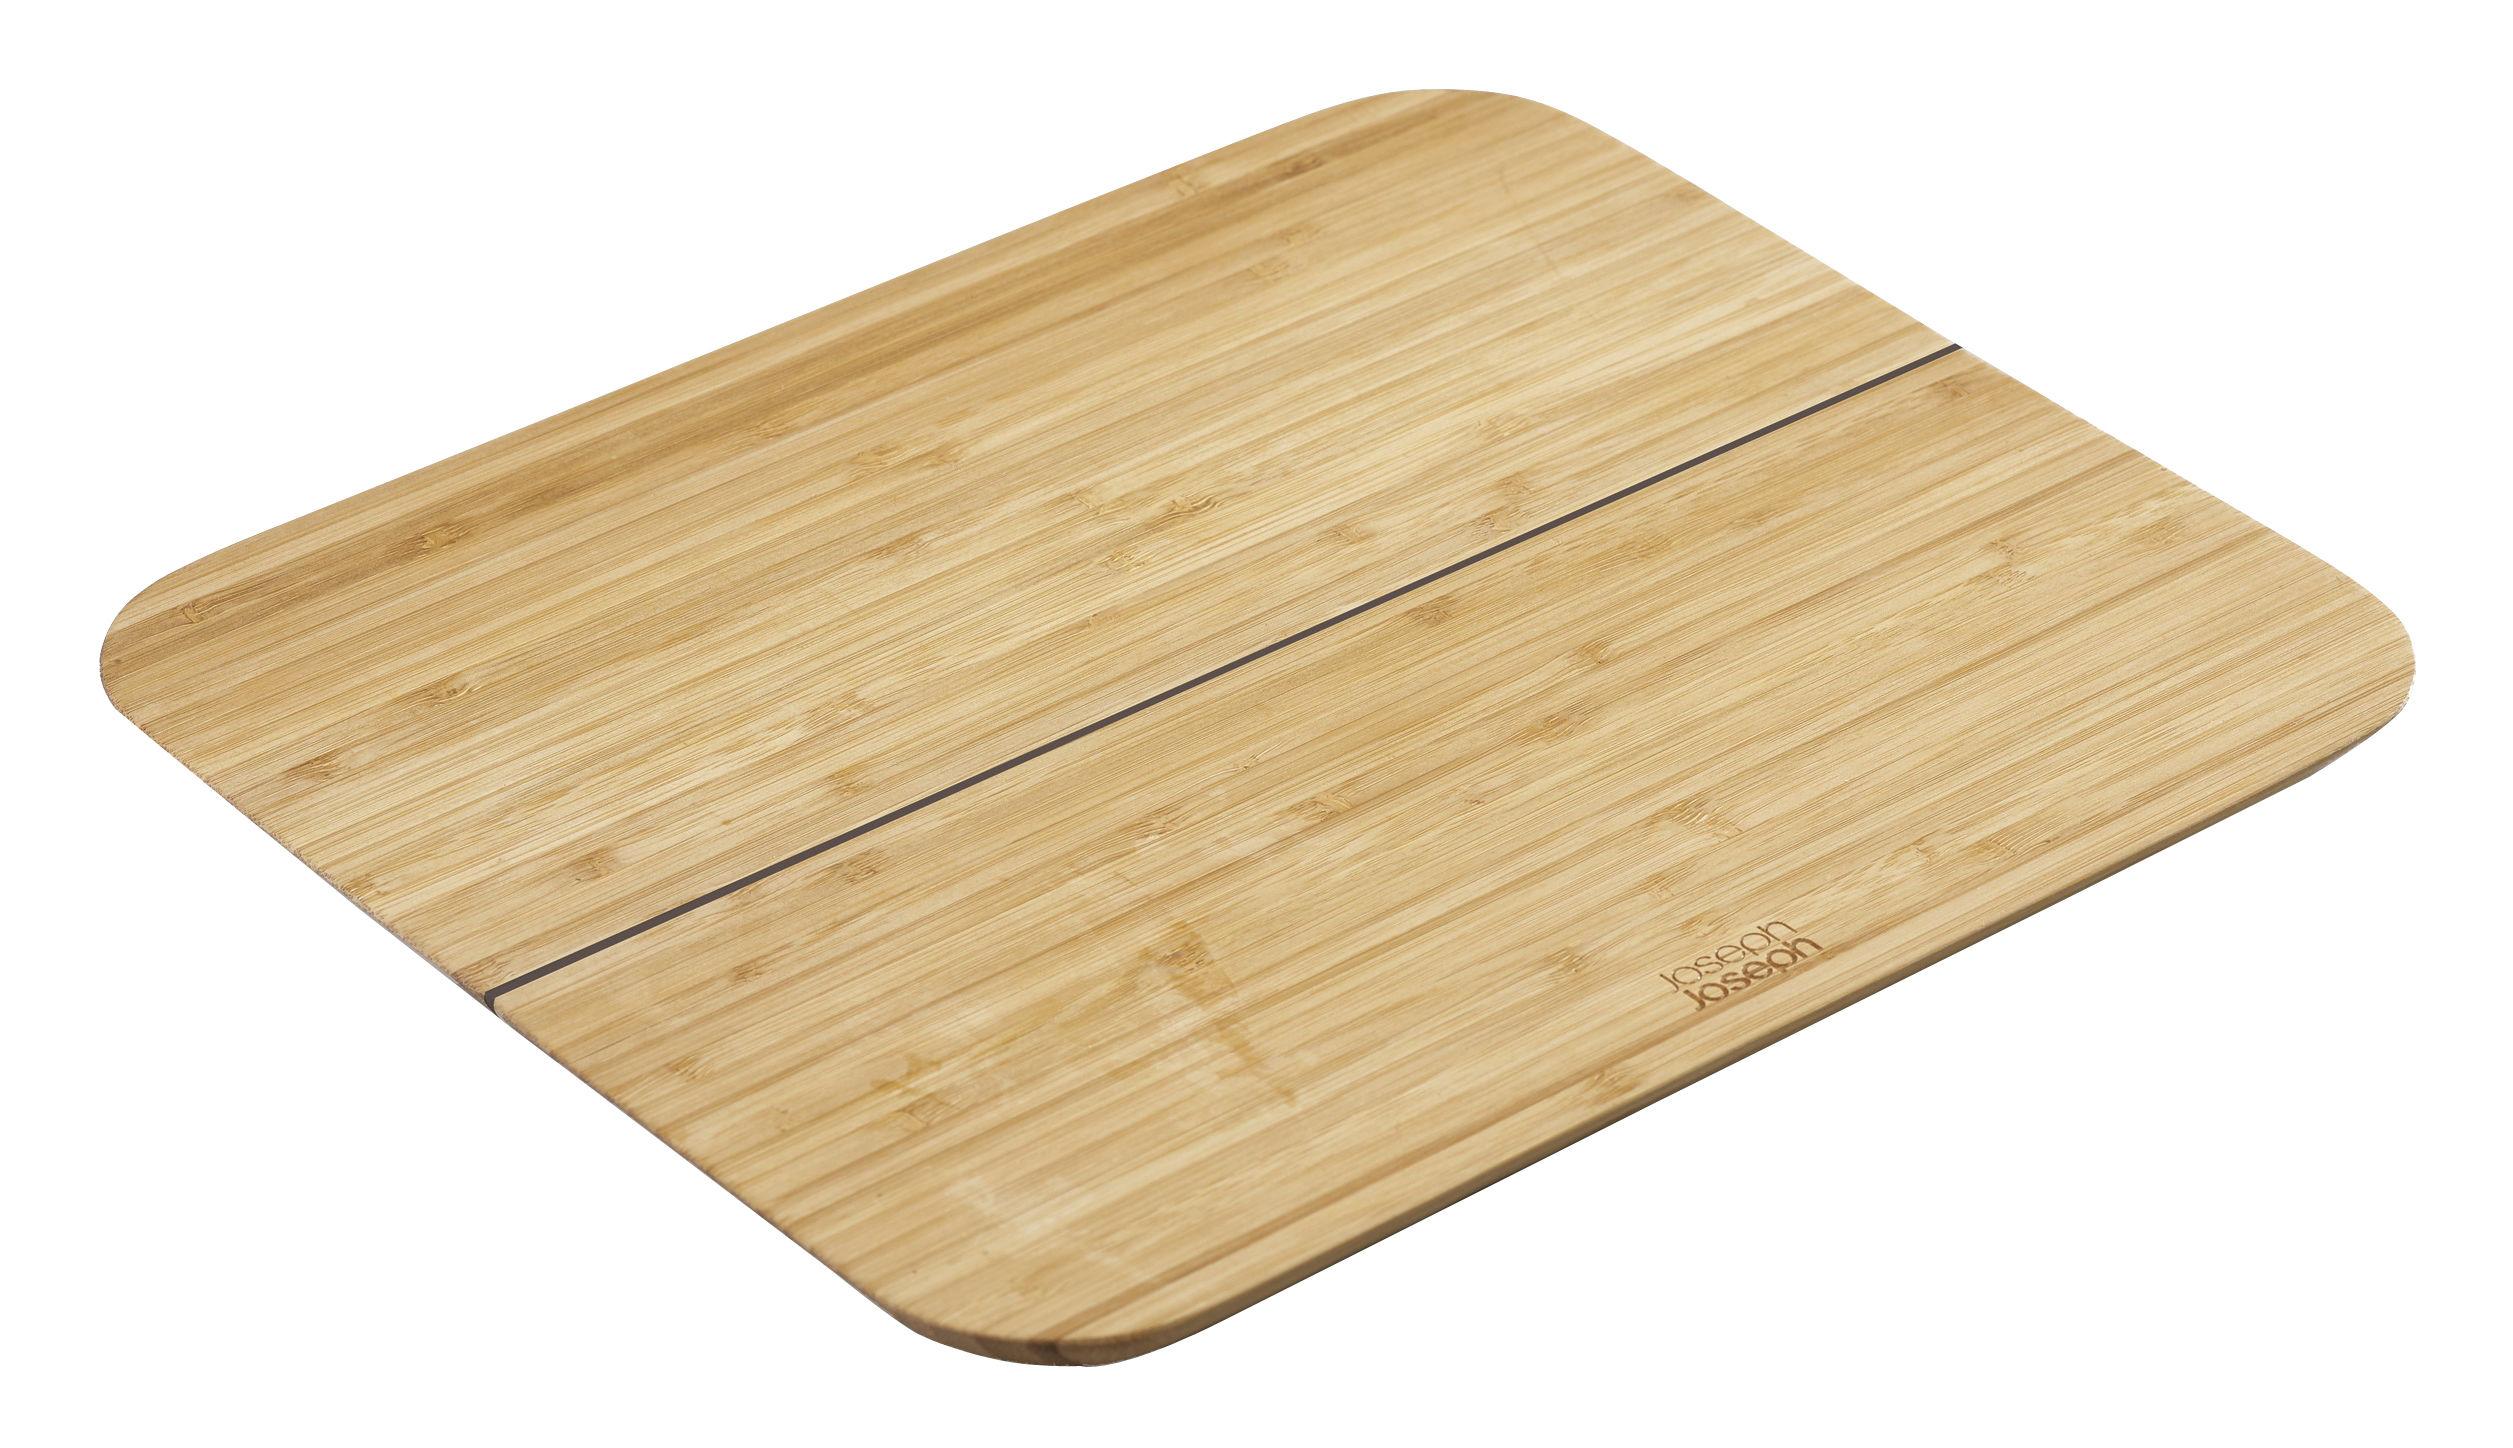 Küche - Küchenutensilien - Chop2Pot Bambou Schneidebrett / zusammenklappbar - L 33 cm - Joseph Joseph - Bambus - Bambus, Silikon